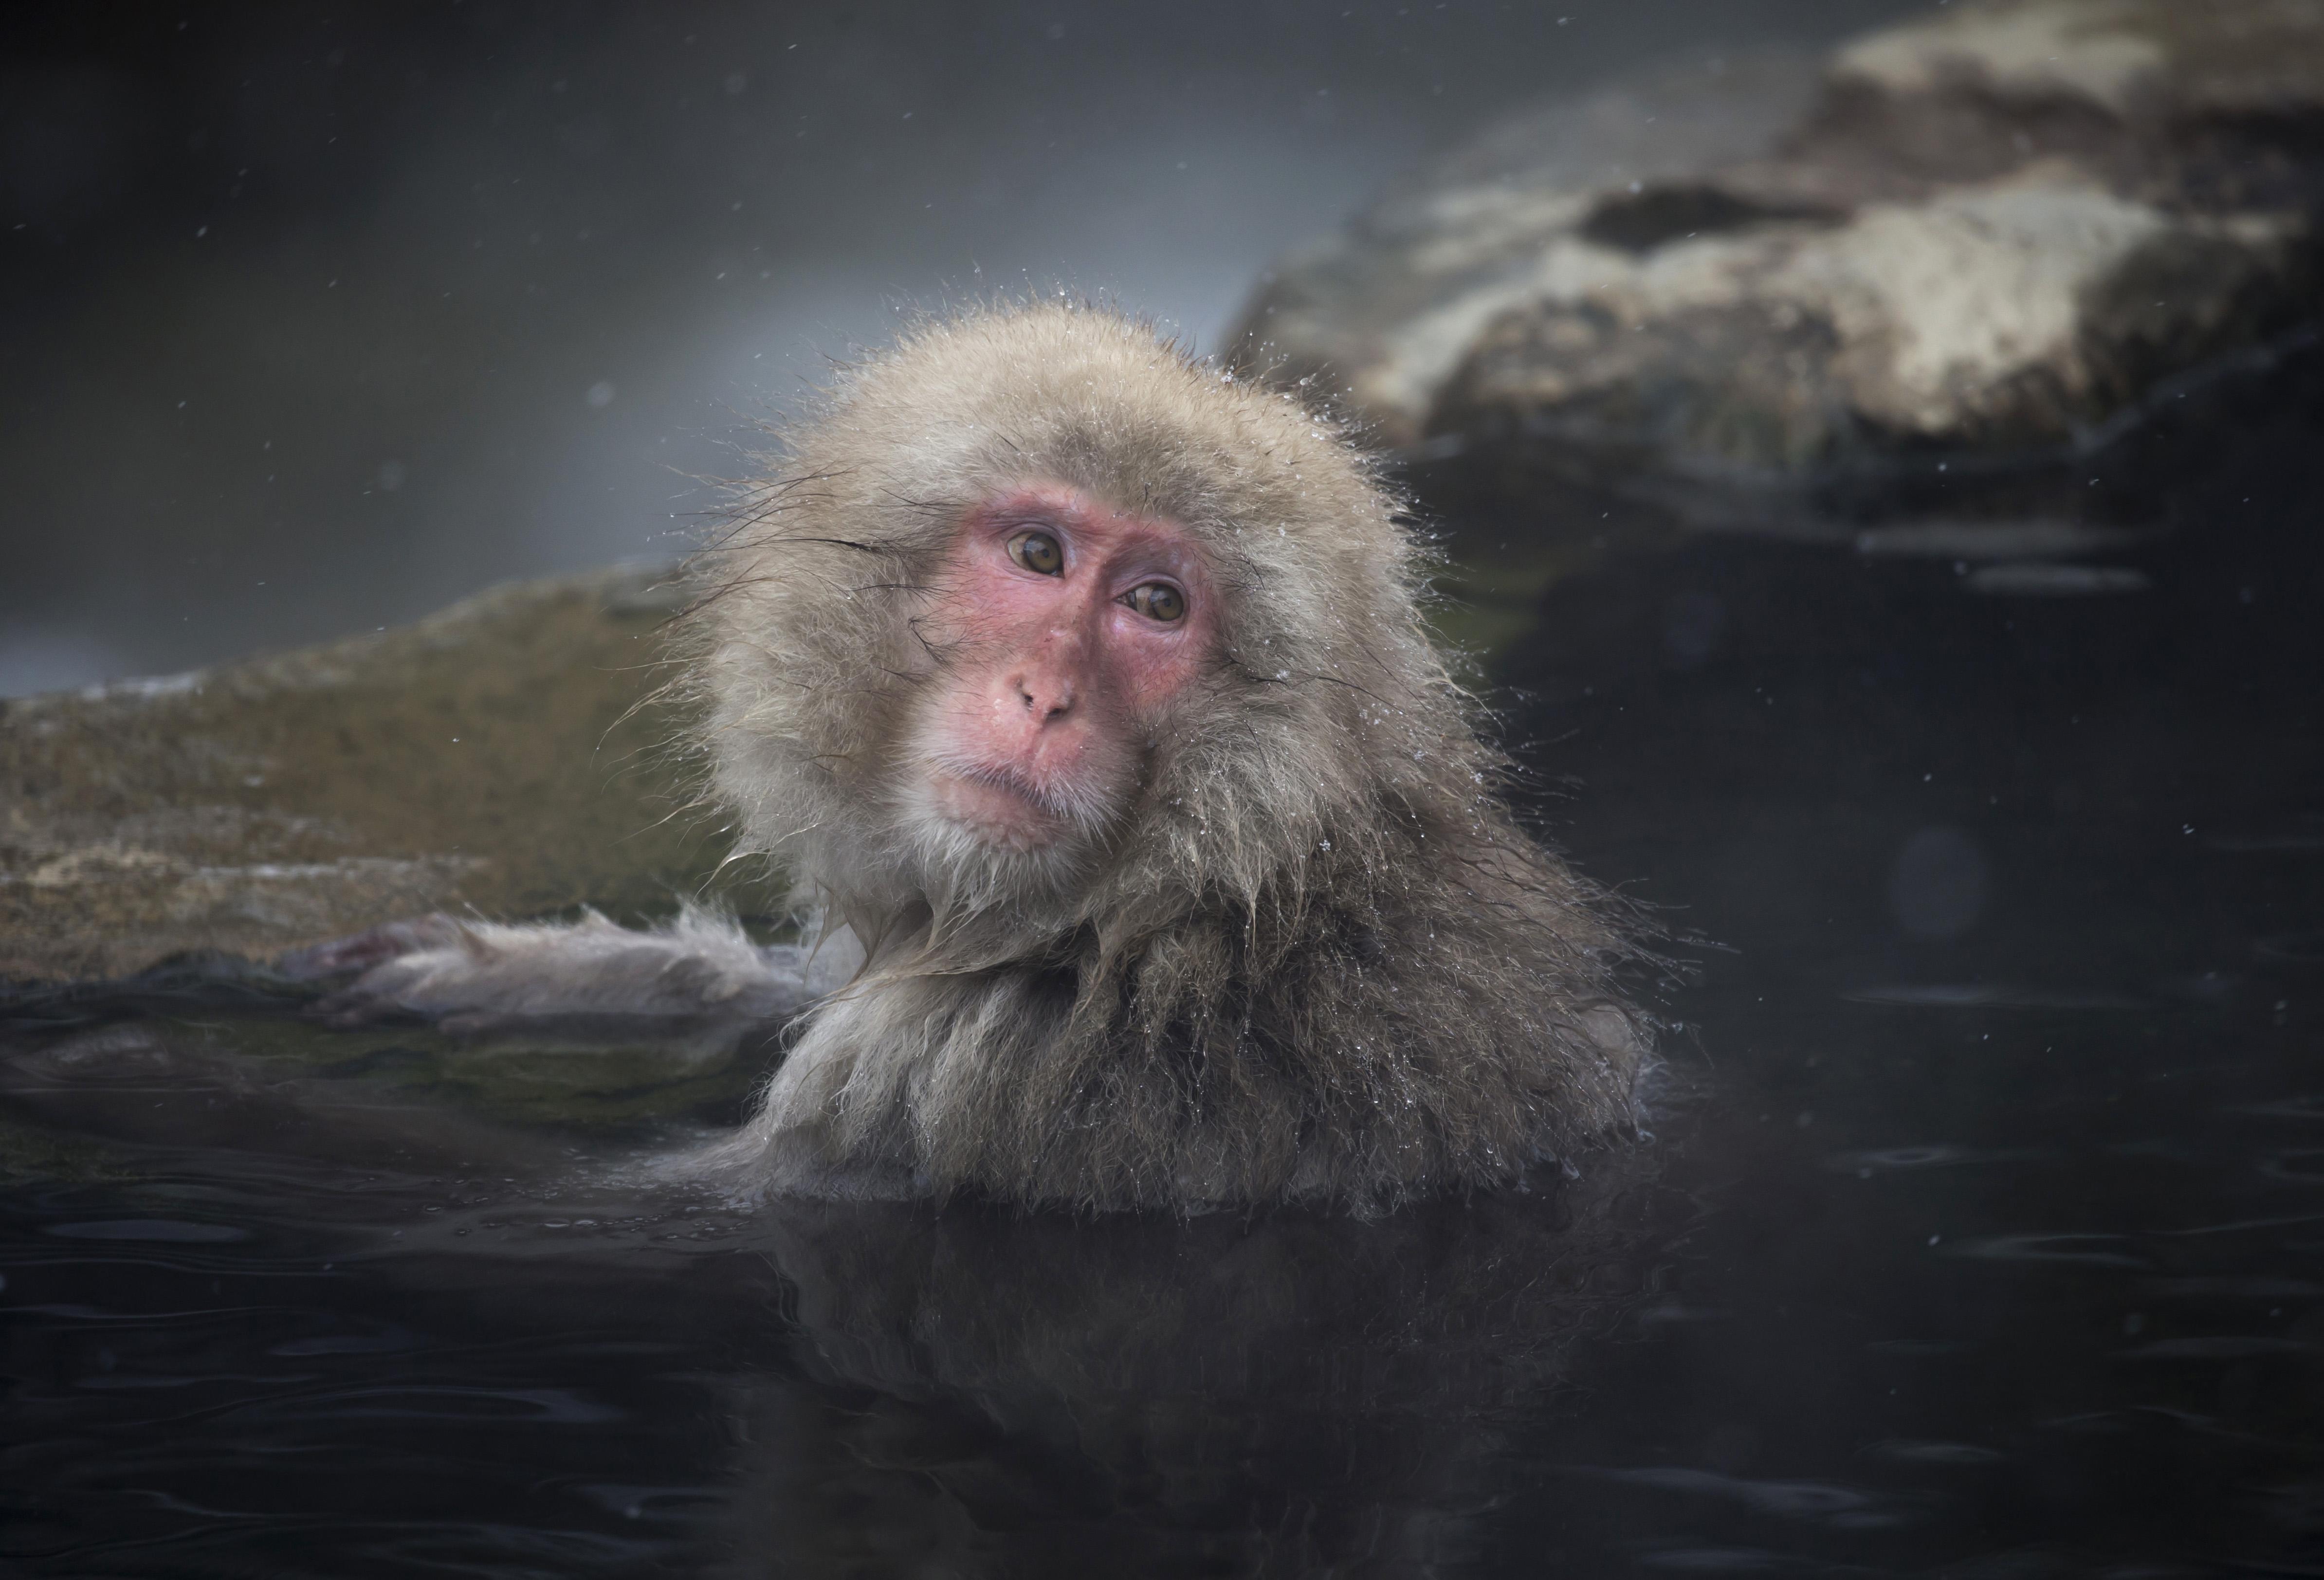 <p>2020 година ще бъде спокойна и благодатна година за всички хора, родени в годината на <strong>Маймуната</strong>. Хороскопът за Маймуната предвижда тази година да положите усилия, за да получите това, което искате. Важни промени могат да настъпят у дома или на работното ви място, така че трябва да сте подготвени. Бъдете сигурни, че трудностите, пред които ви изправя съдбата са от полза за вашето личностно развитие. Въпреки трудностите, 2020 ще ви подари нови и страстни взаимоотношения с роден под знака на Вола, Заека или Коня.</p>